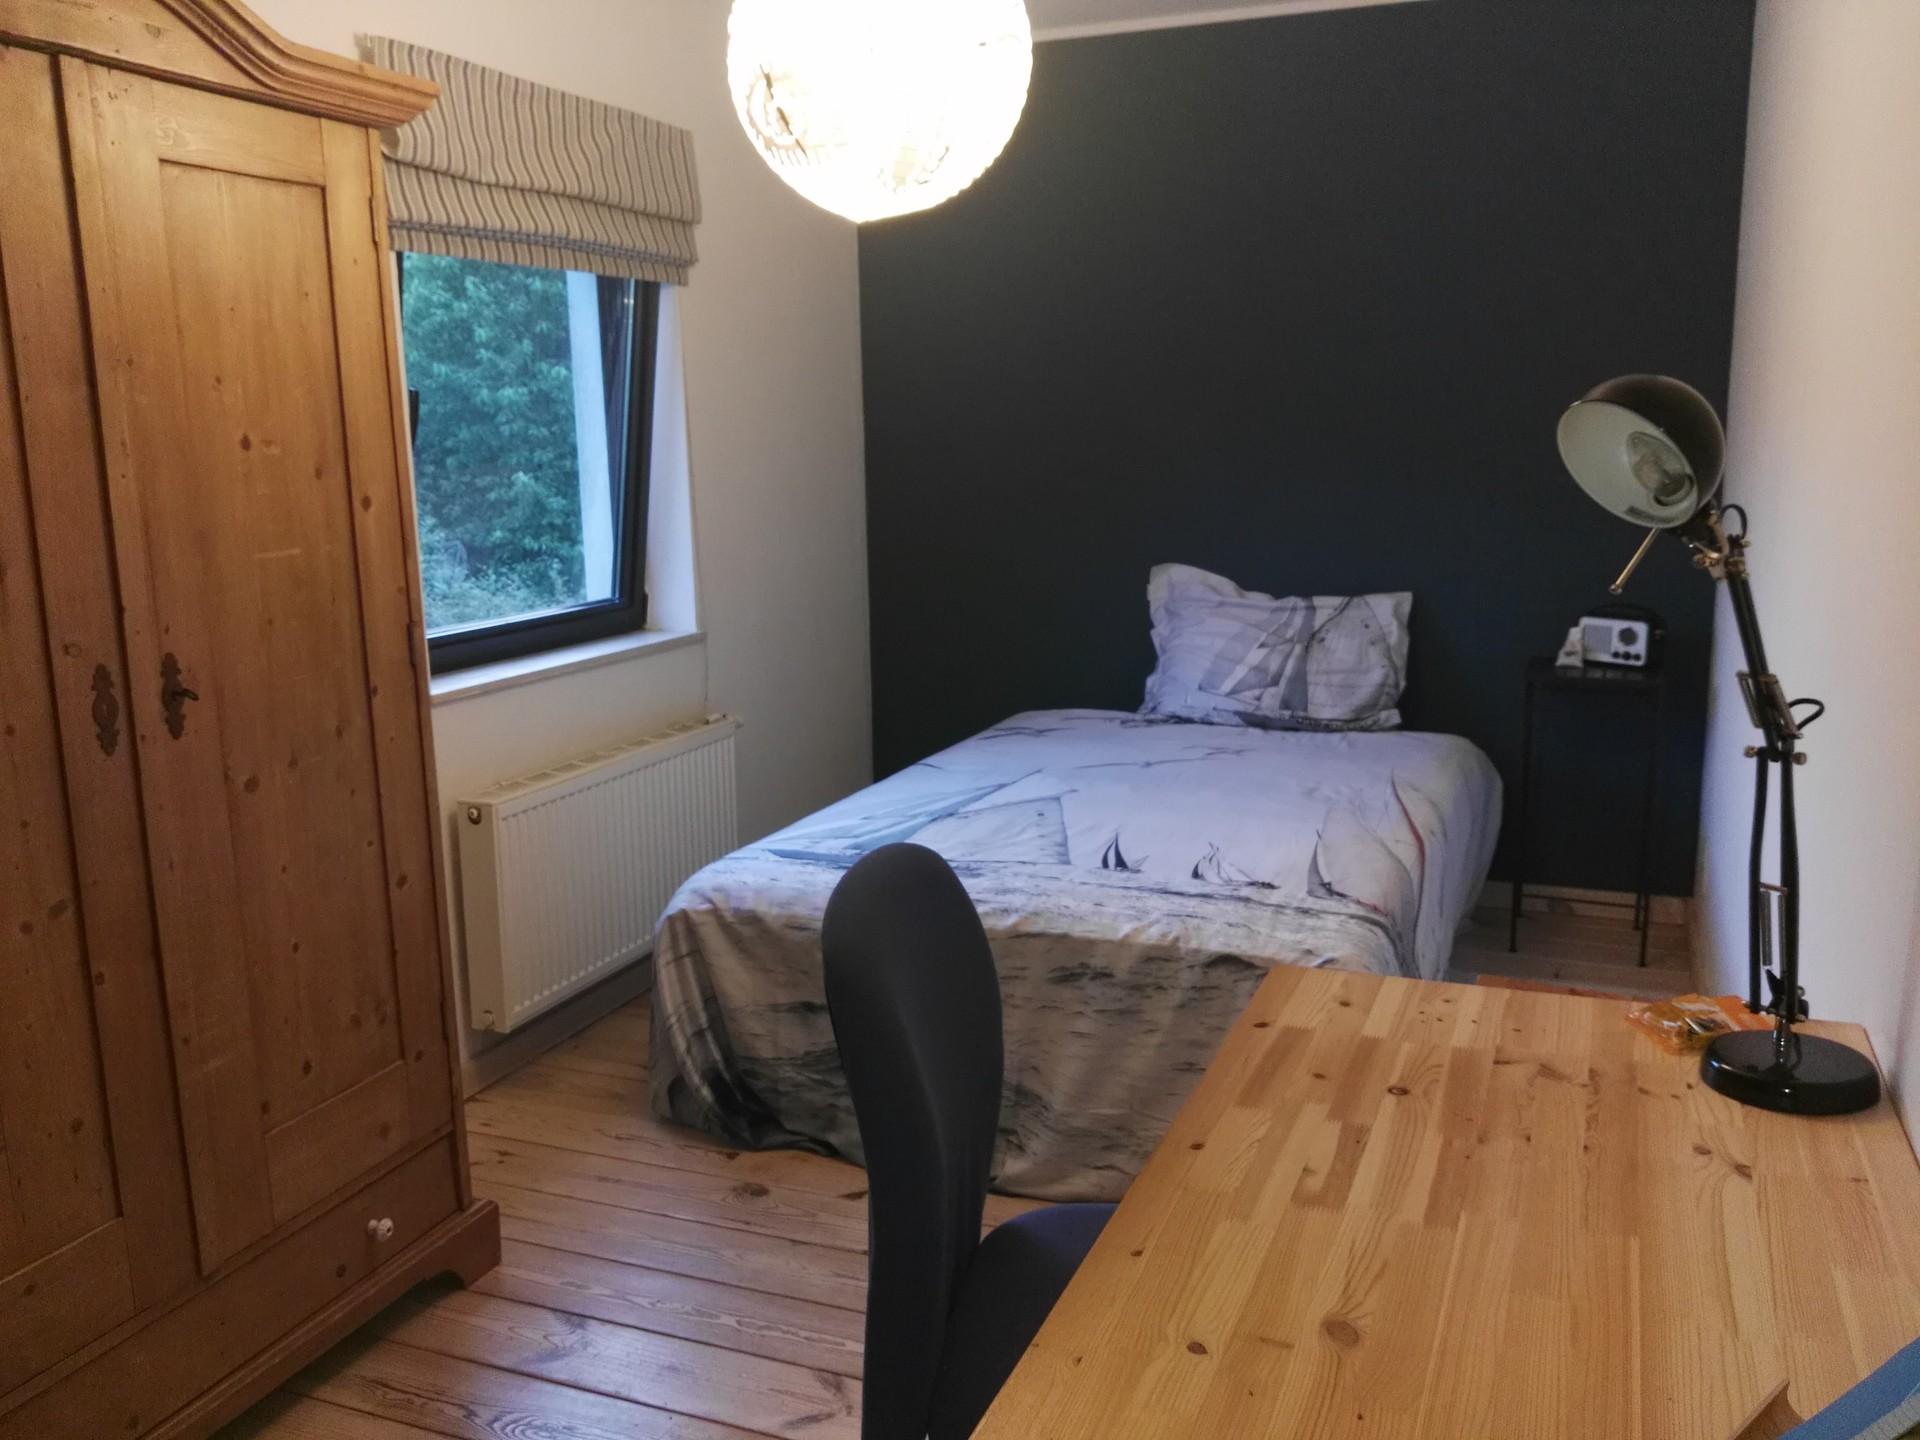 Chambre spacieuse et lumineuse dans une villa contemporaine au calme ...